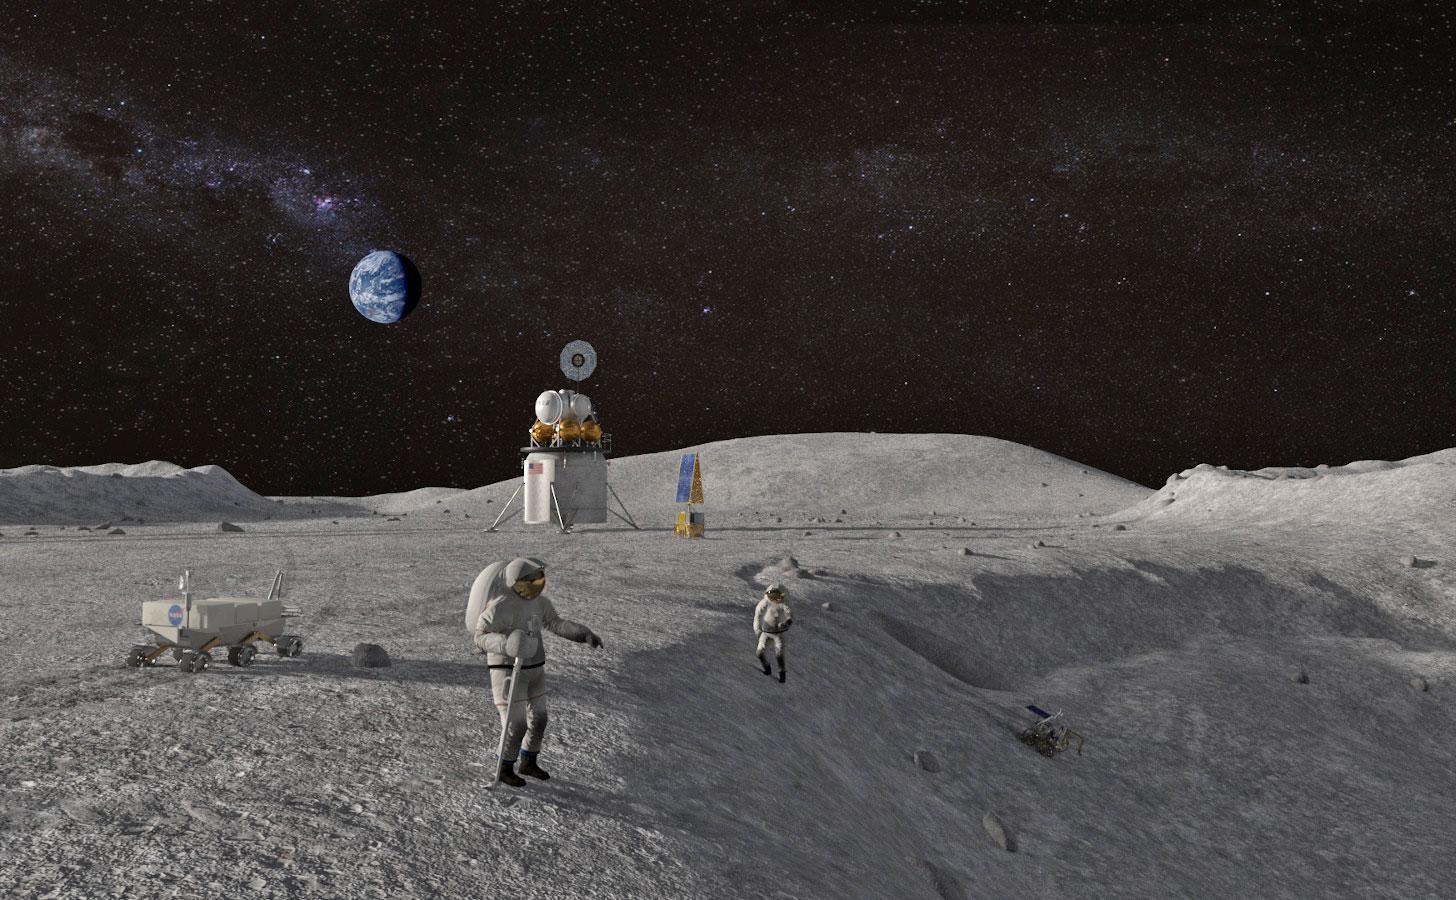 按闹分配成功!贝索斯喜获NASA的2500万美元订单,马斯克仅得940万